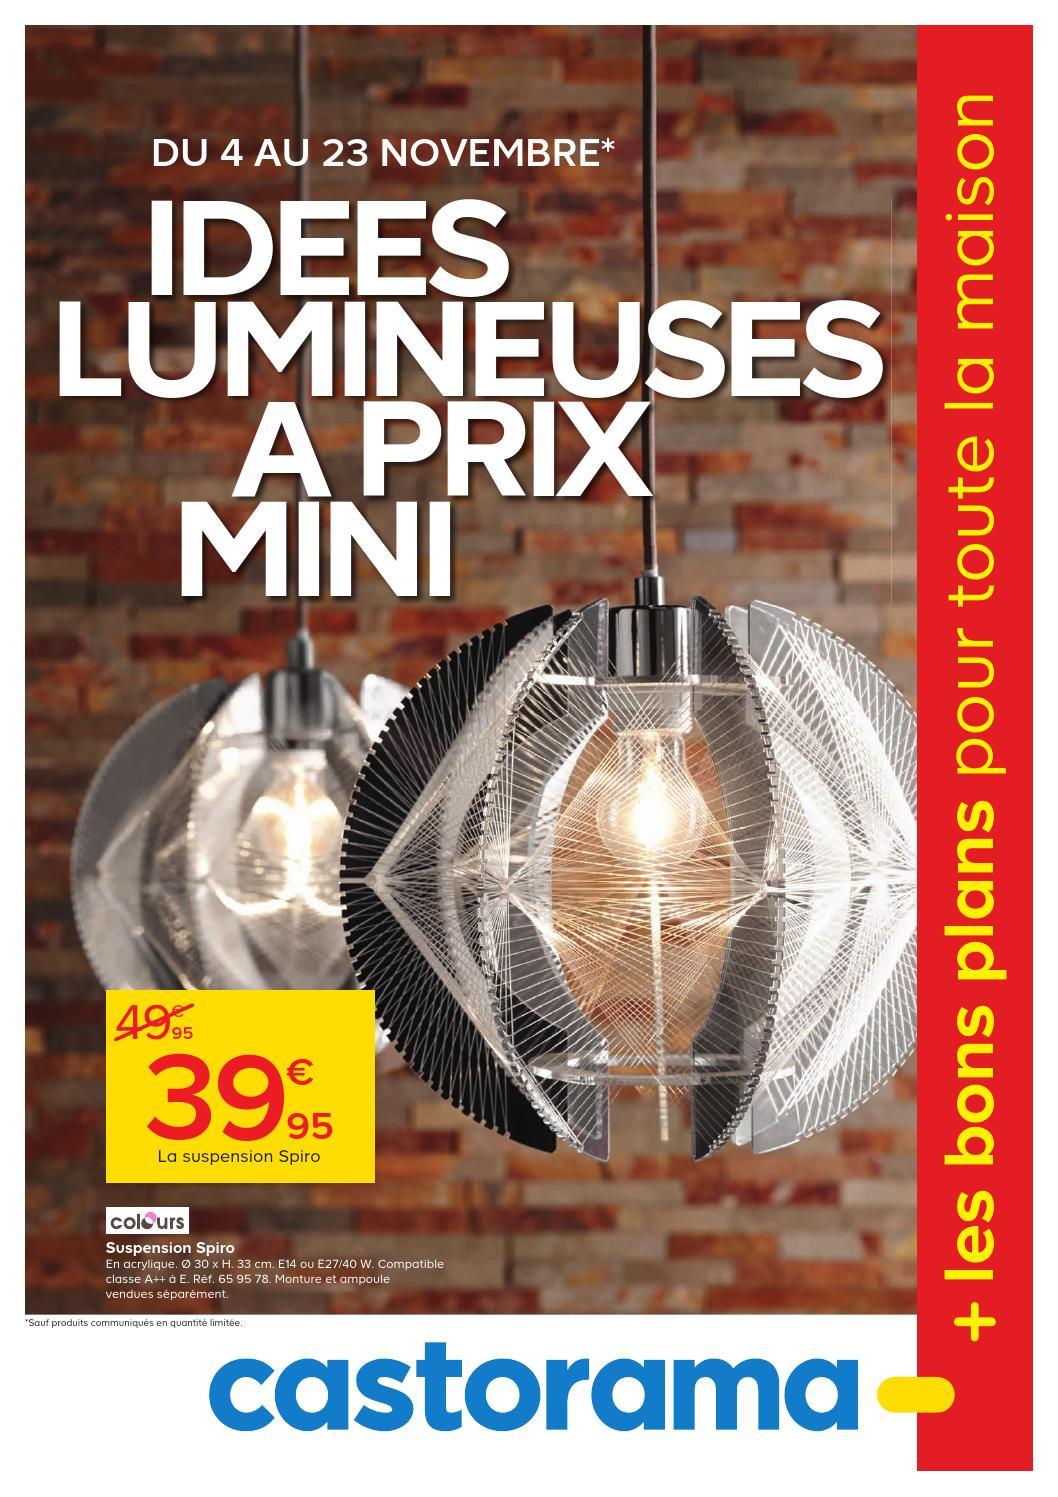 Castorama Catalogue 4 23novembre2015 By Promocatalogues Com Issuu